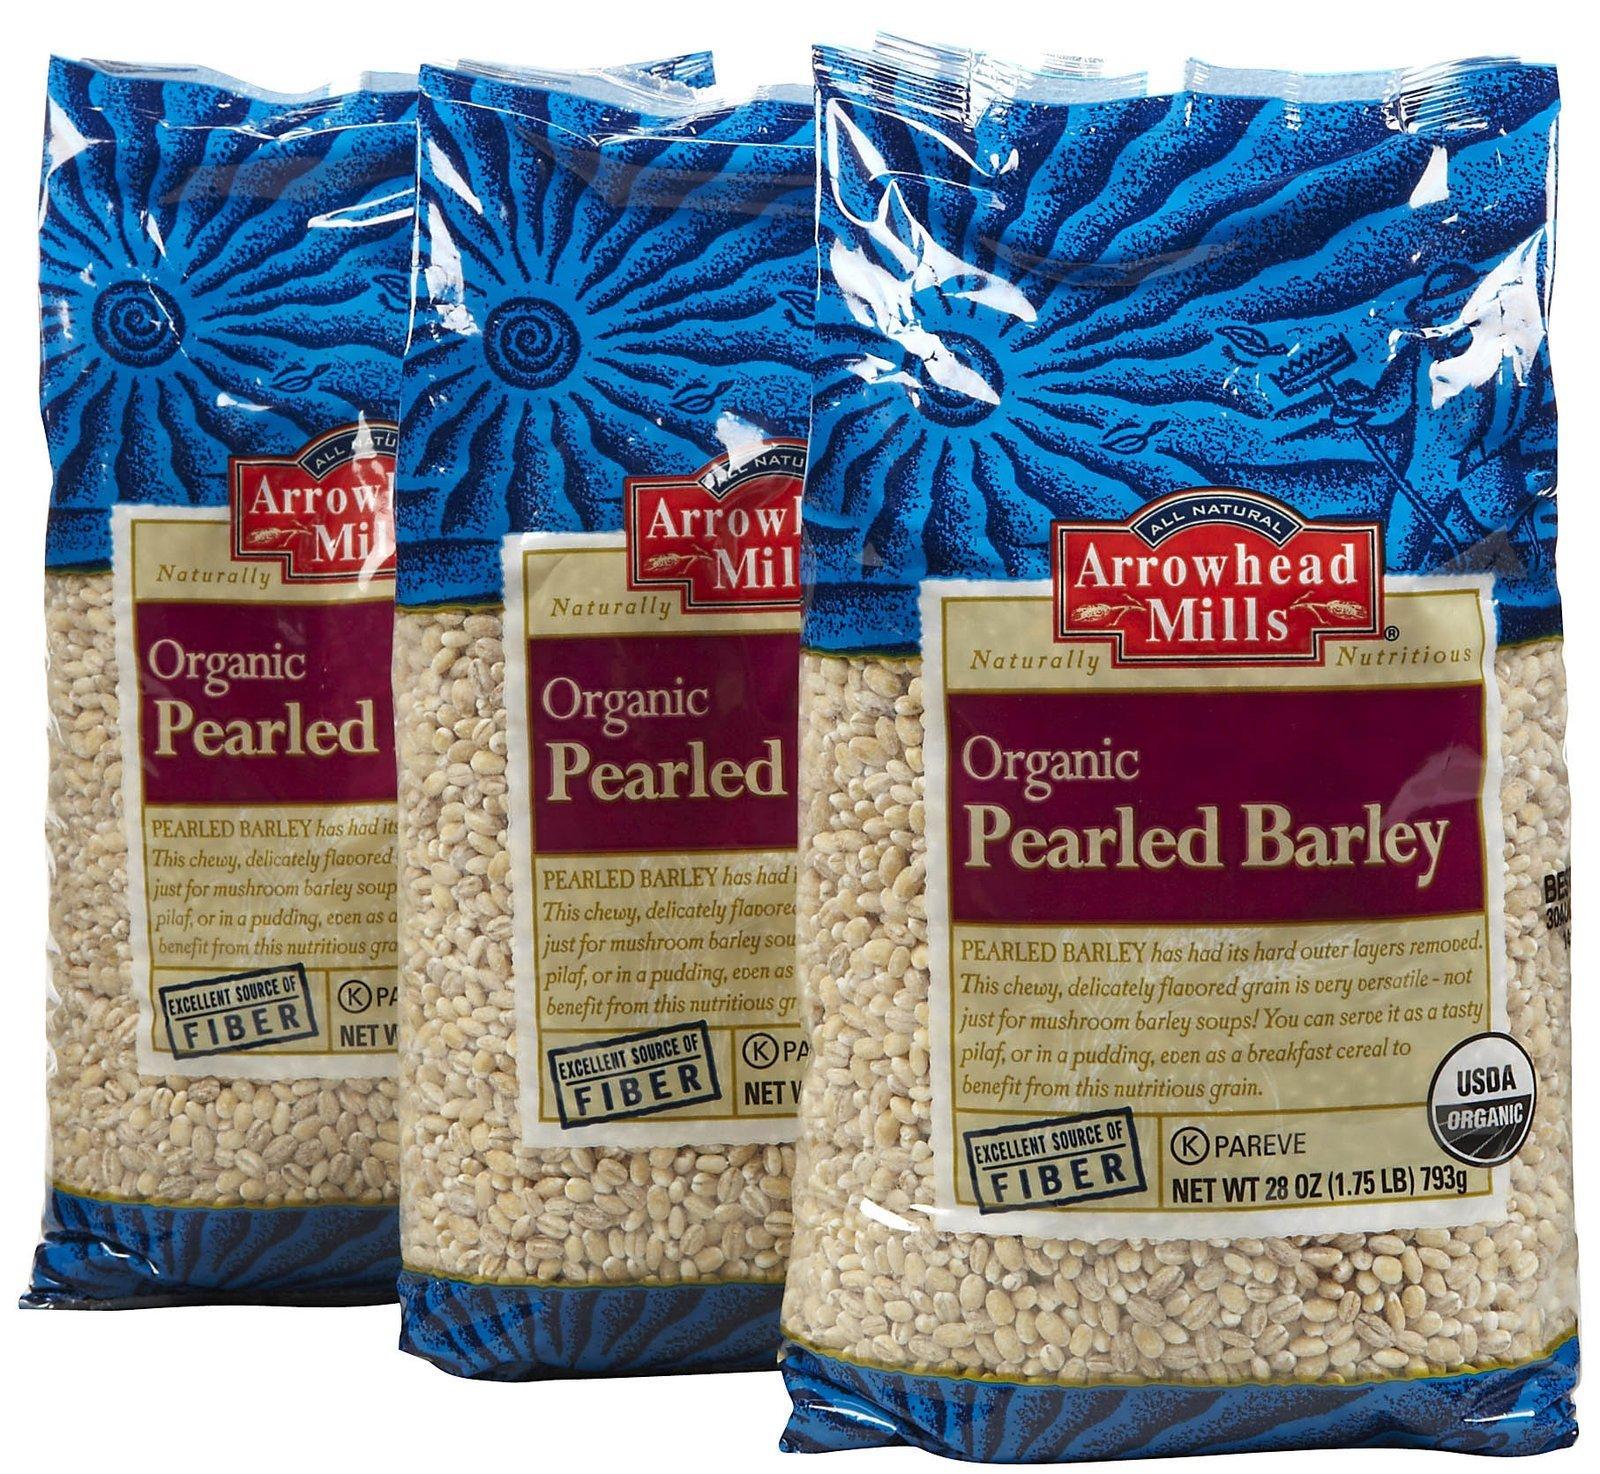 Arrowhead Mills Pearled Barley - 28 oz - 3 pk